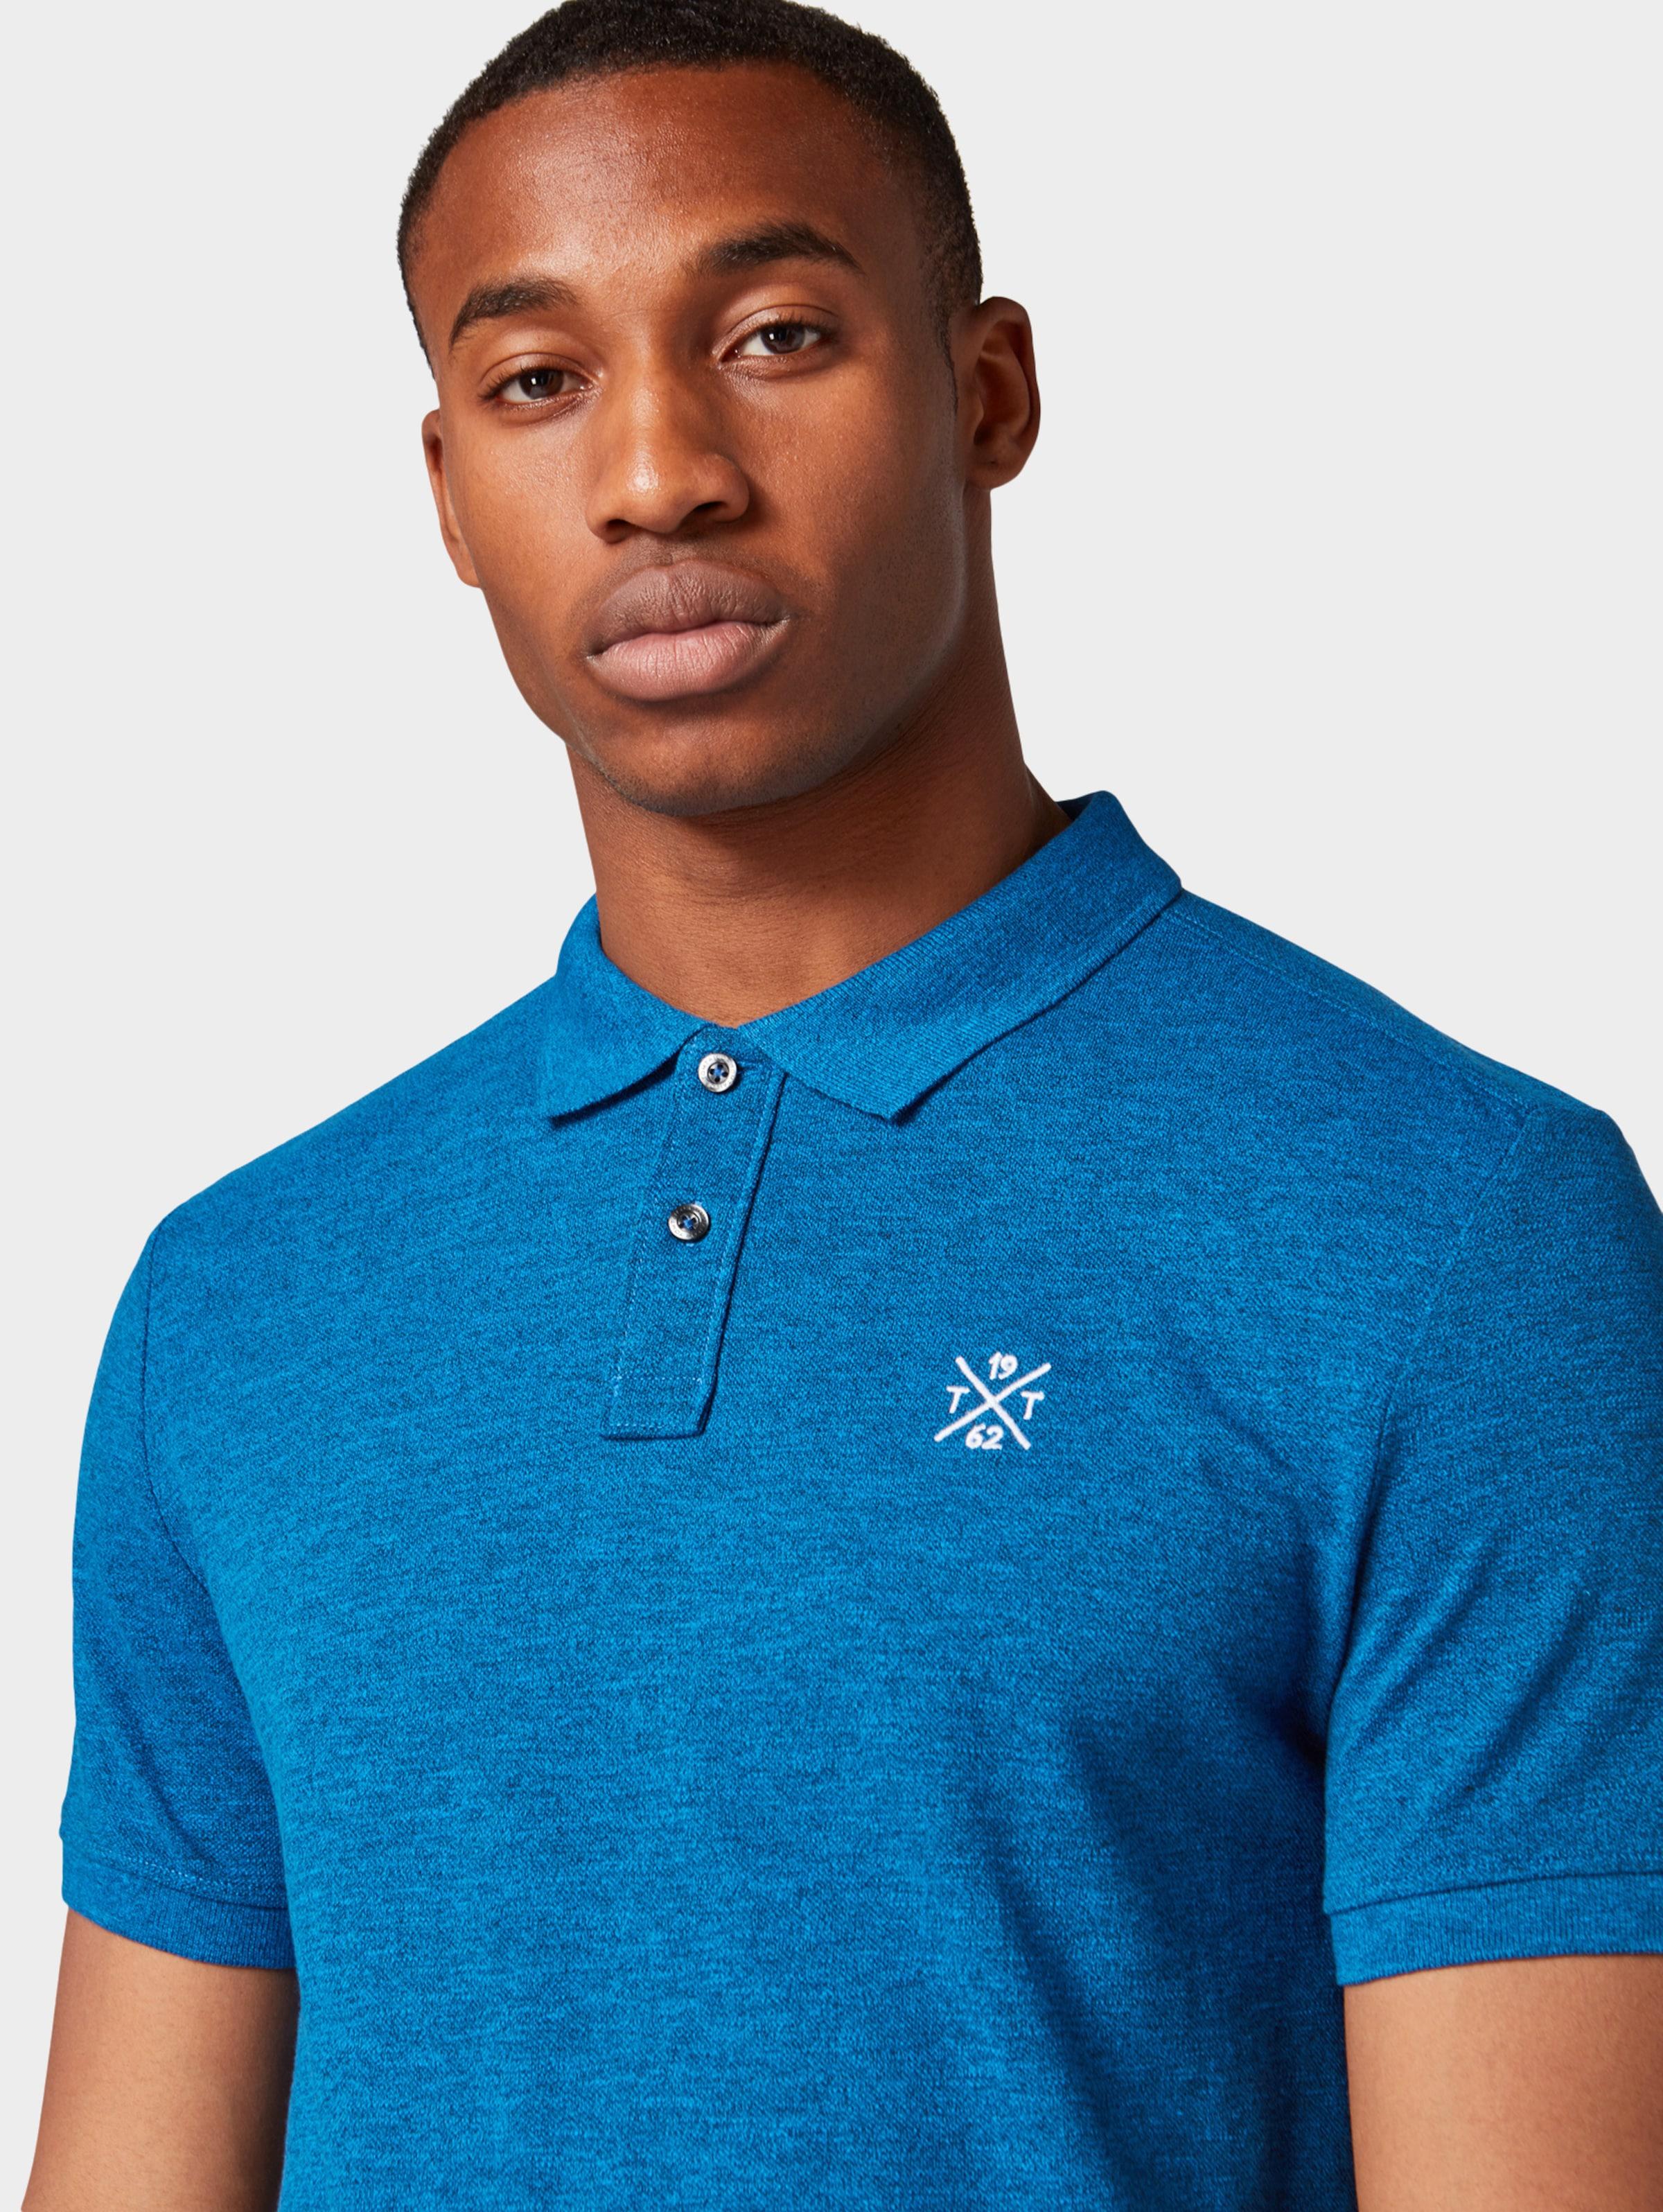 Poloshirt Poloshirt In Tom Tailor Blaumeliert Tom Blaumeliert Tom Tailor In reodxBC